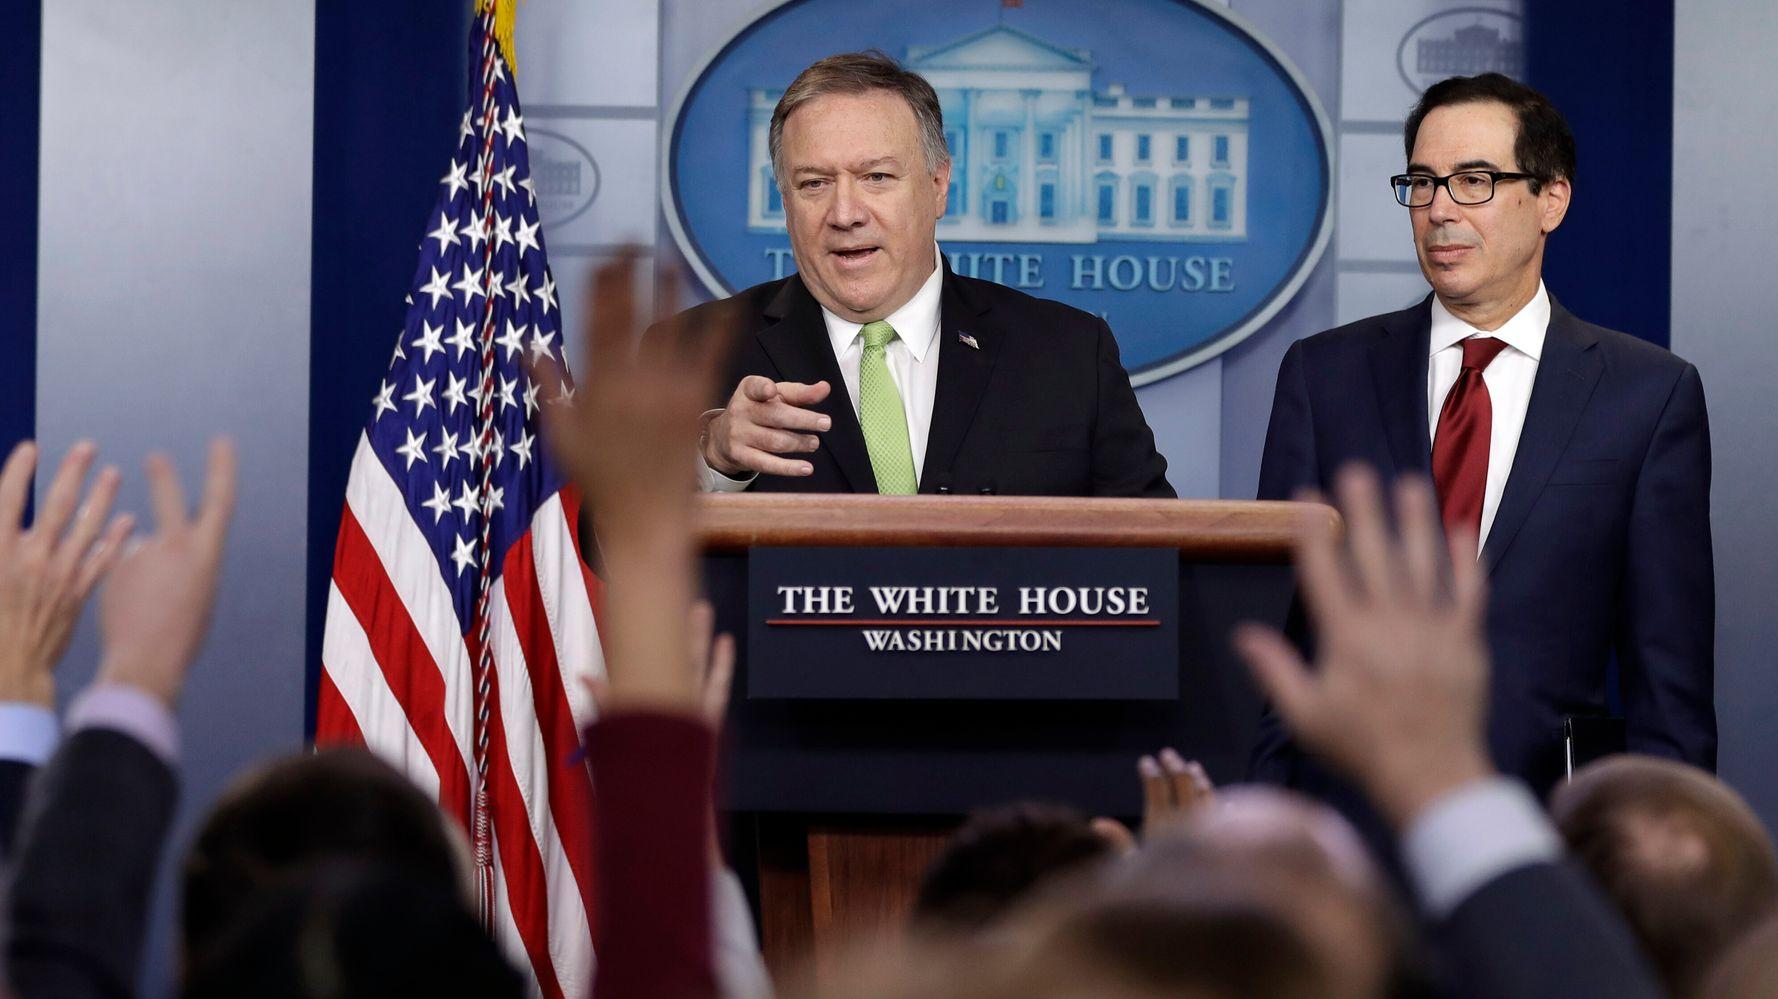 За печенегов американцы России ещё санкции не вводили